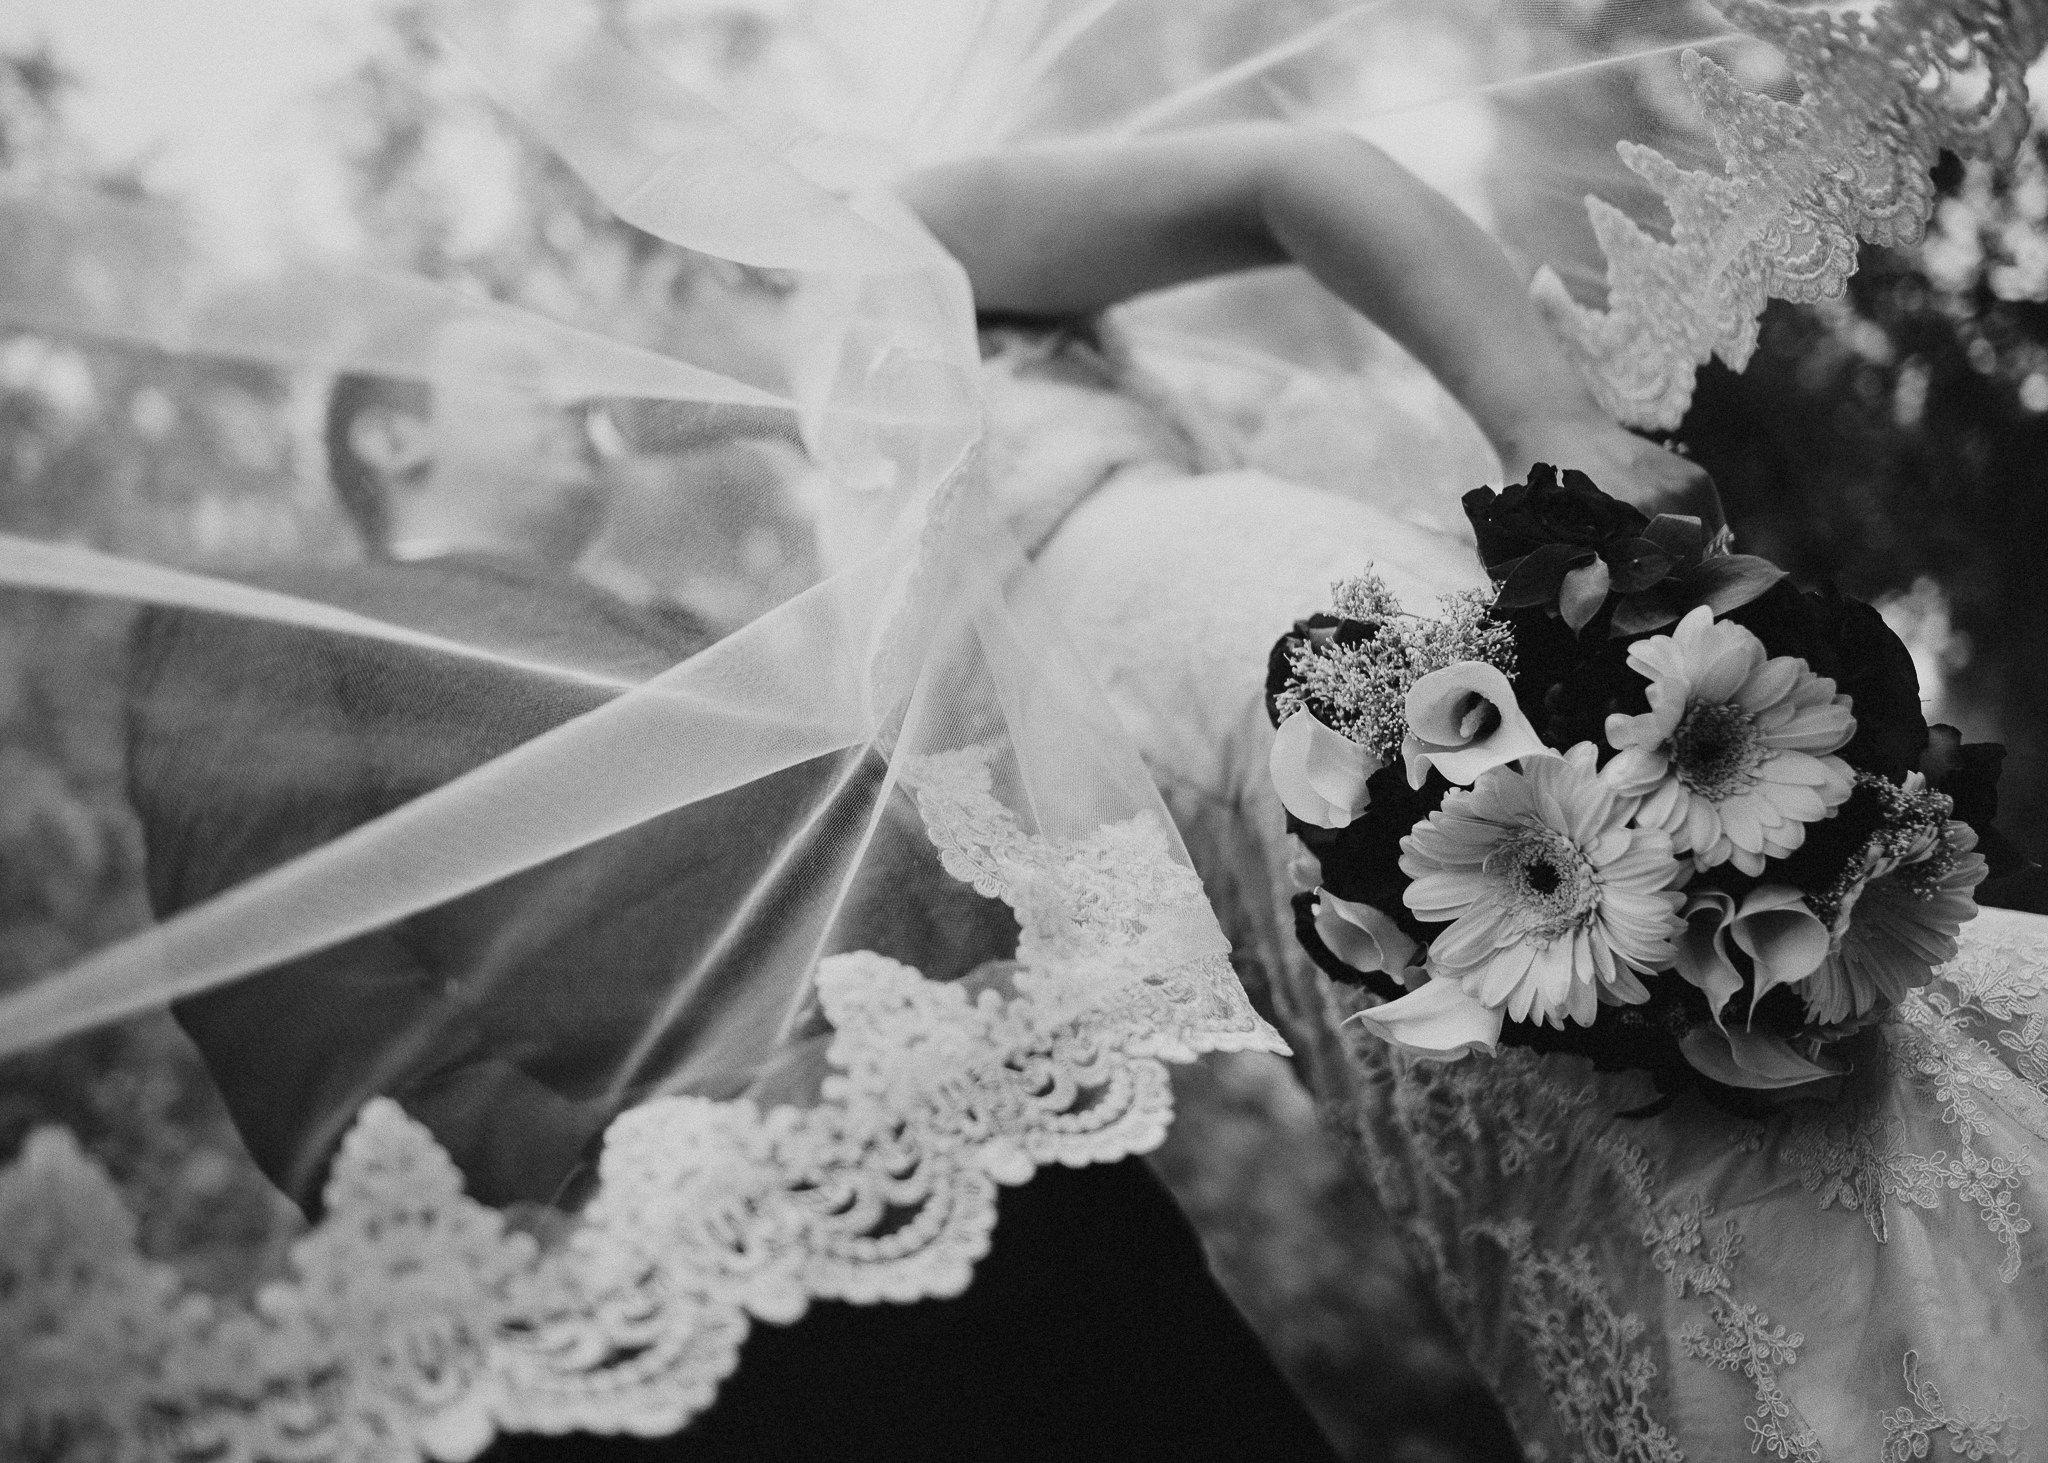 03boda-en-jardin-wedding-hacienda-los-cuartos-fotografo-luis-houdin78